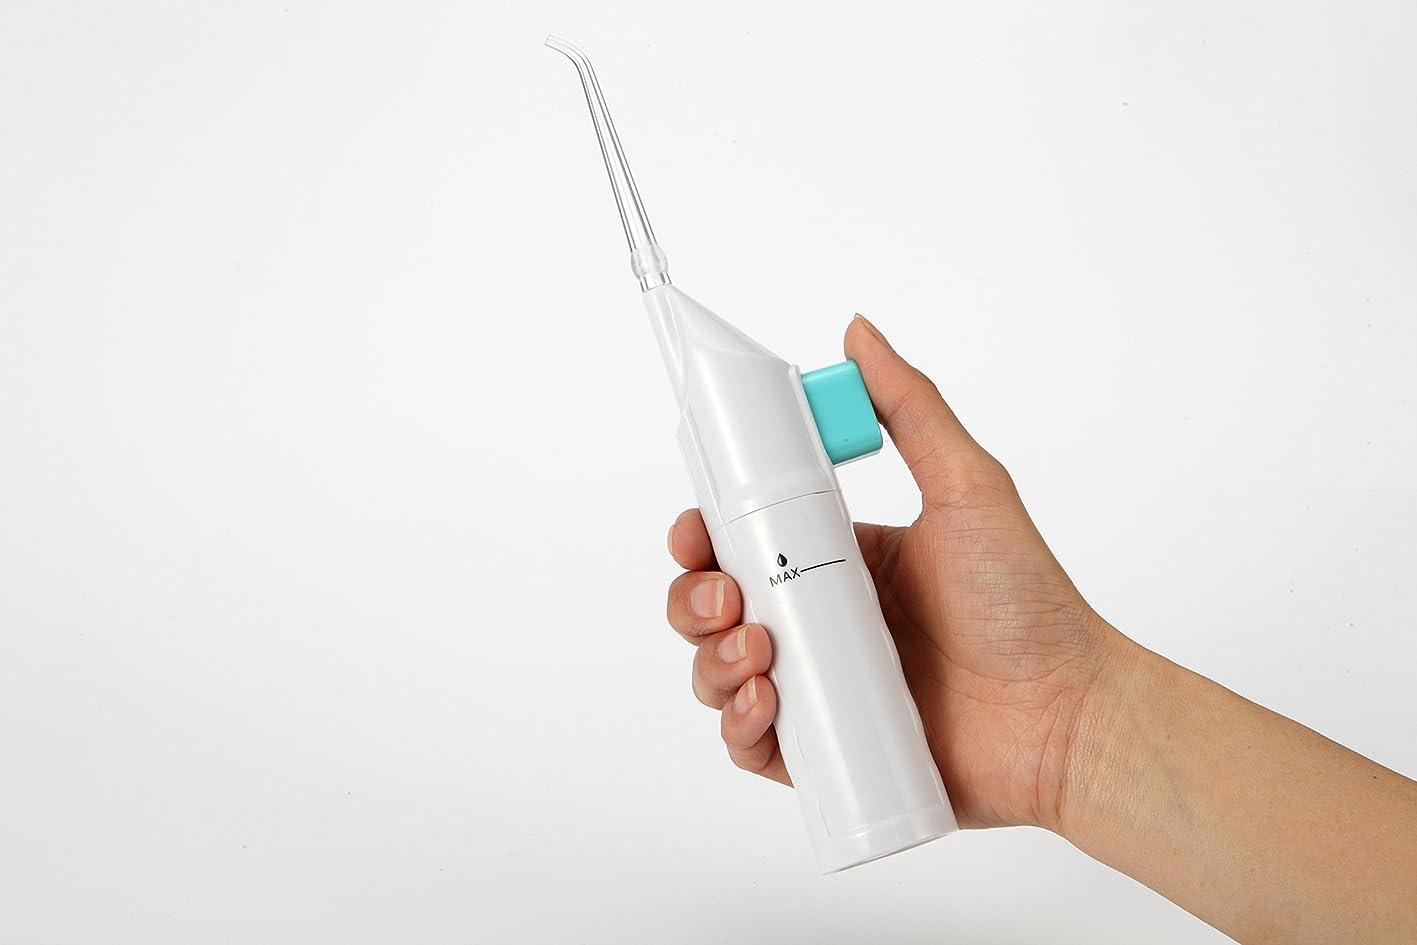 祖母地下愛されし者4G-Kitty 口腔洗浄器 手動ポンプ式 ウォーター 歯間洗浄器 歯間 ジェットクリーナー (AR-W-11)